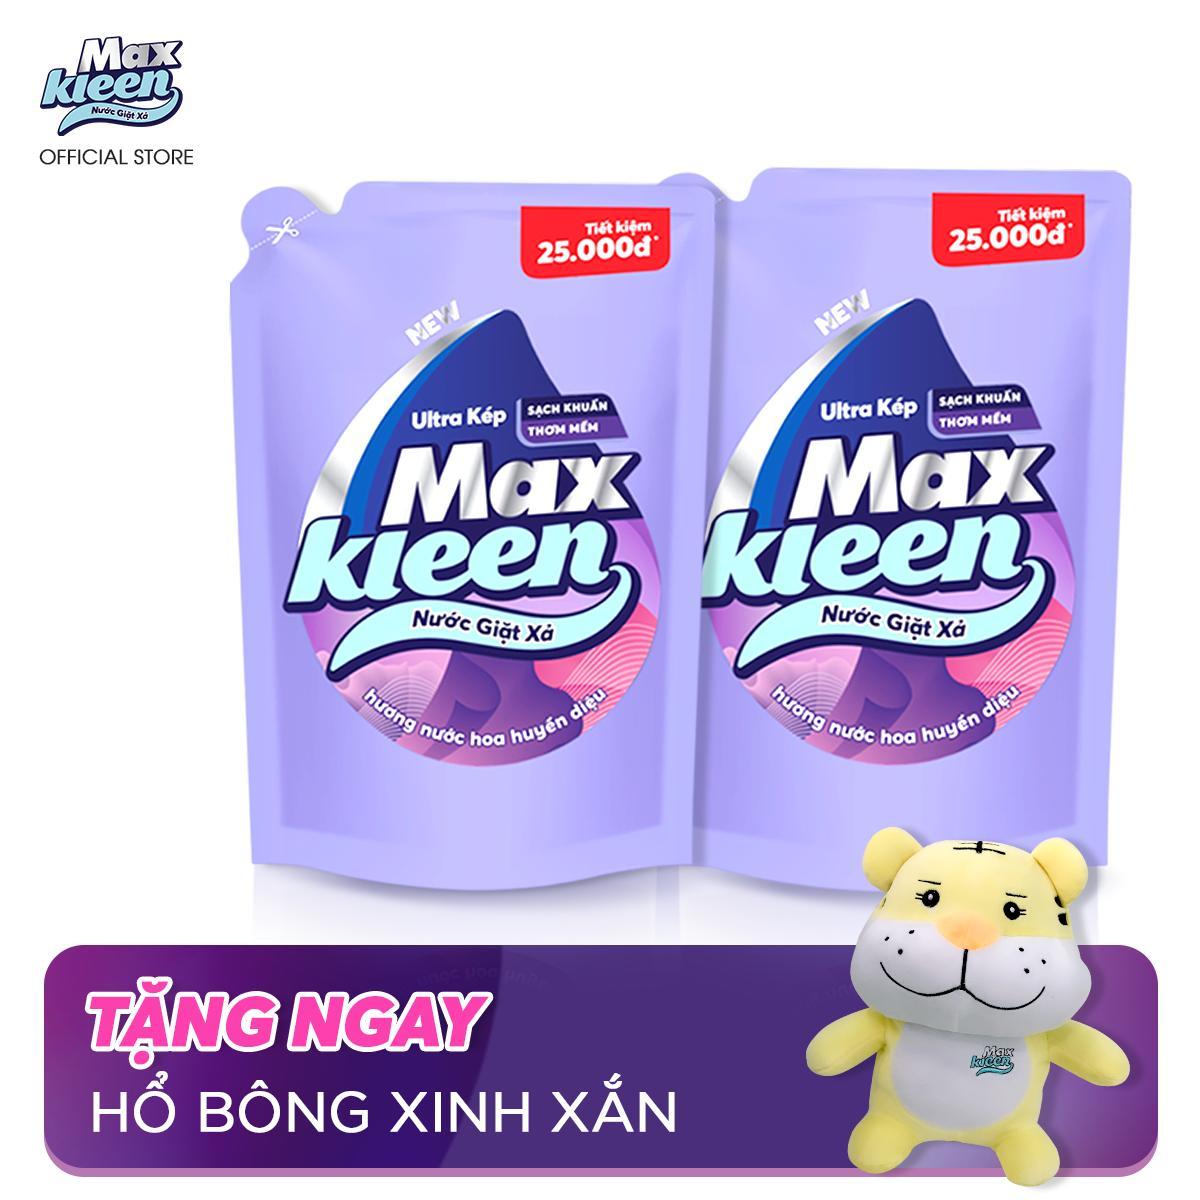 Combo 2 Túi Nước Giặt Xả Maxkleen Hương Nước Hoa Huyền Diệu (2.4kg) + Tặng Hổ bông